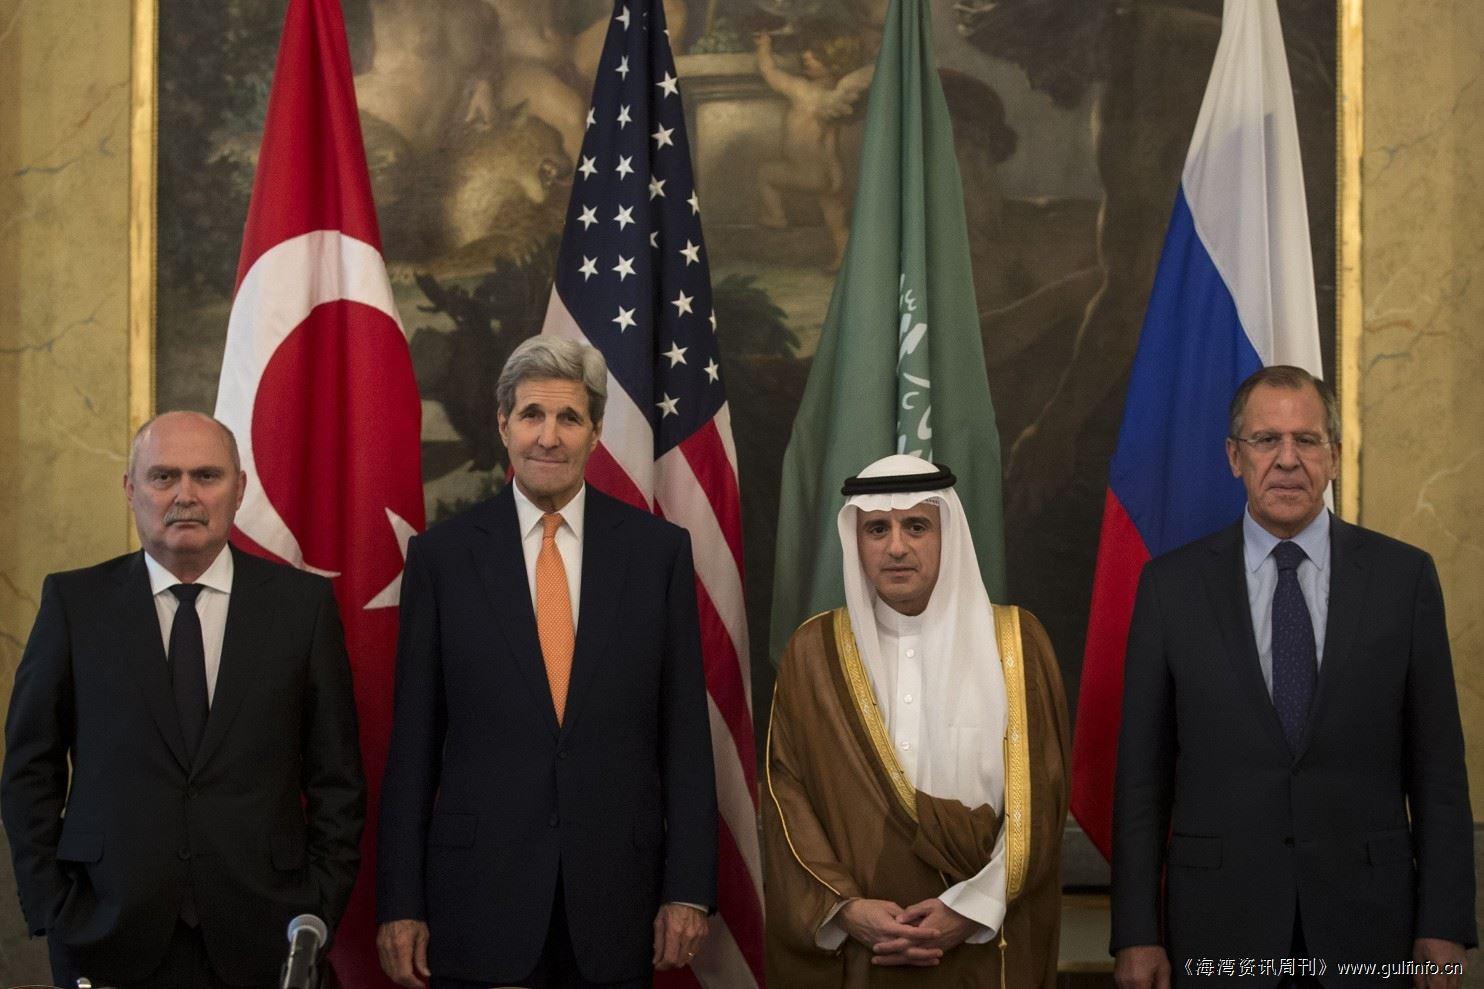 更高风险为外交带来希望 - Arabia Monitor月度报告第29期 - 2015年11月